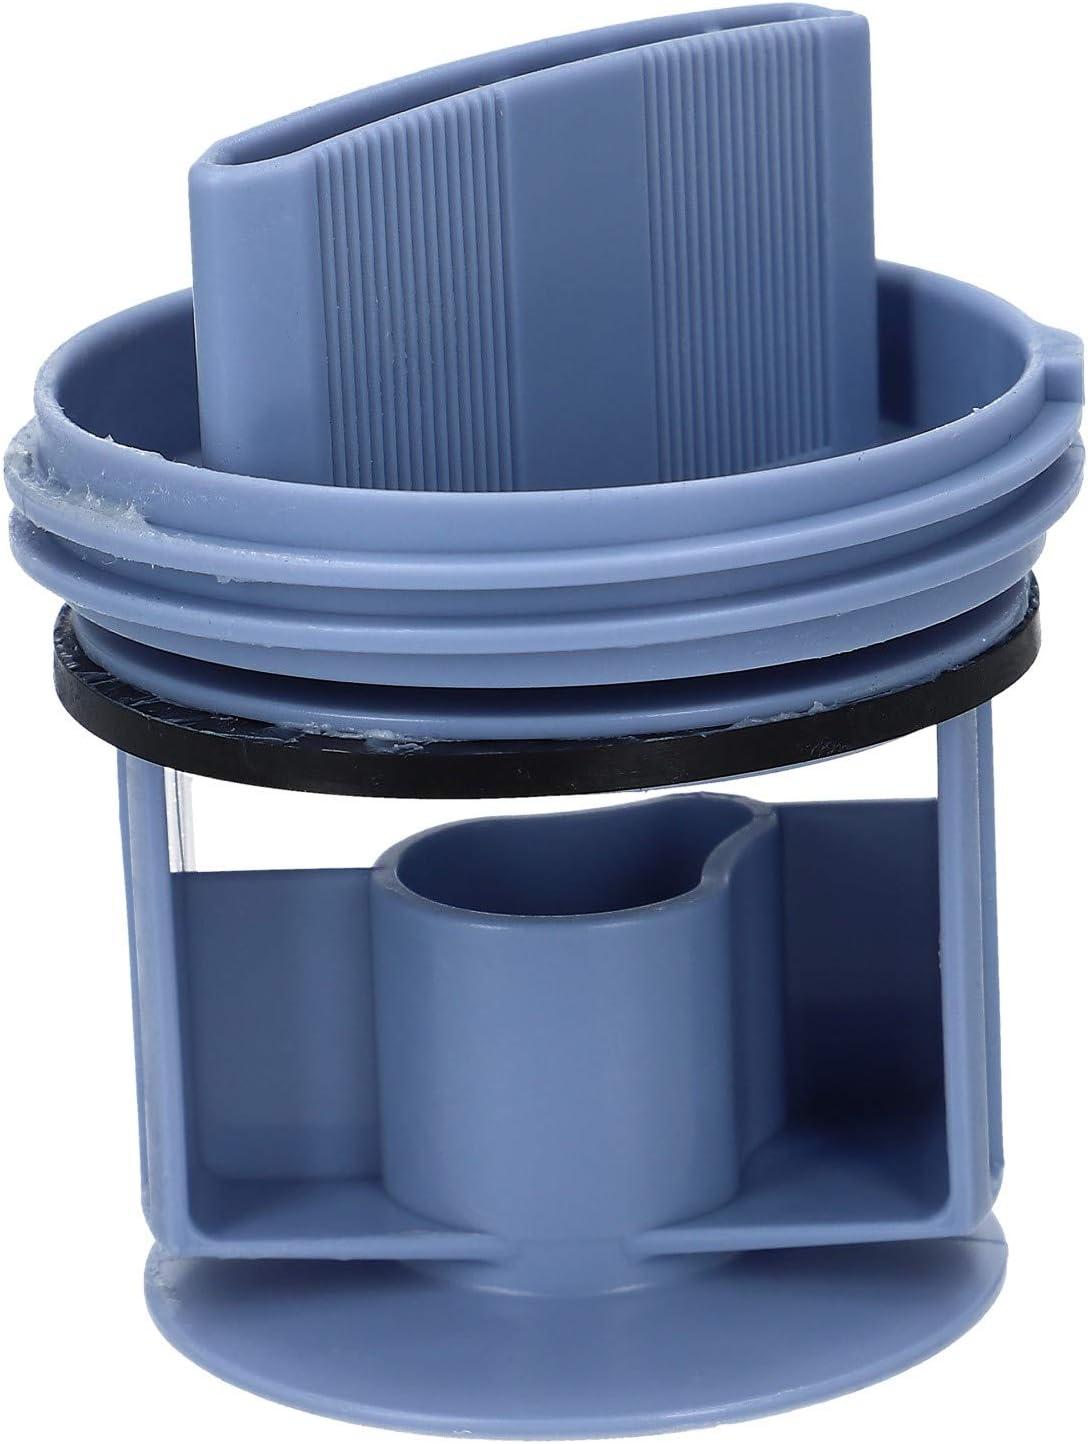 DL-pro - Filtro de pelusas apto para Bosch Siemens Neff Constructa Balay filtro de aire para bomba 647920 00647920 sustituye a 605010 00605010